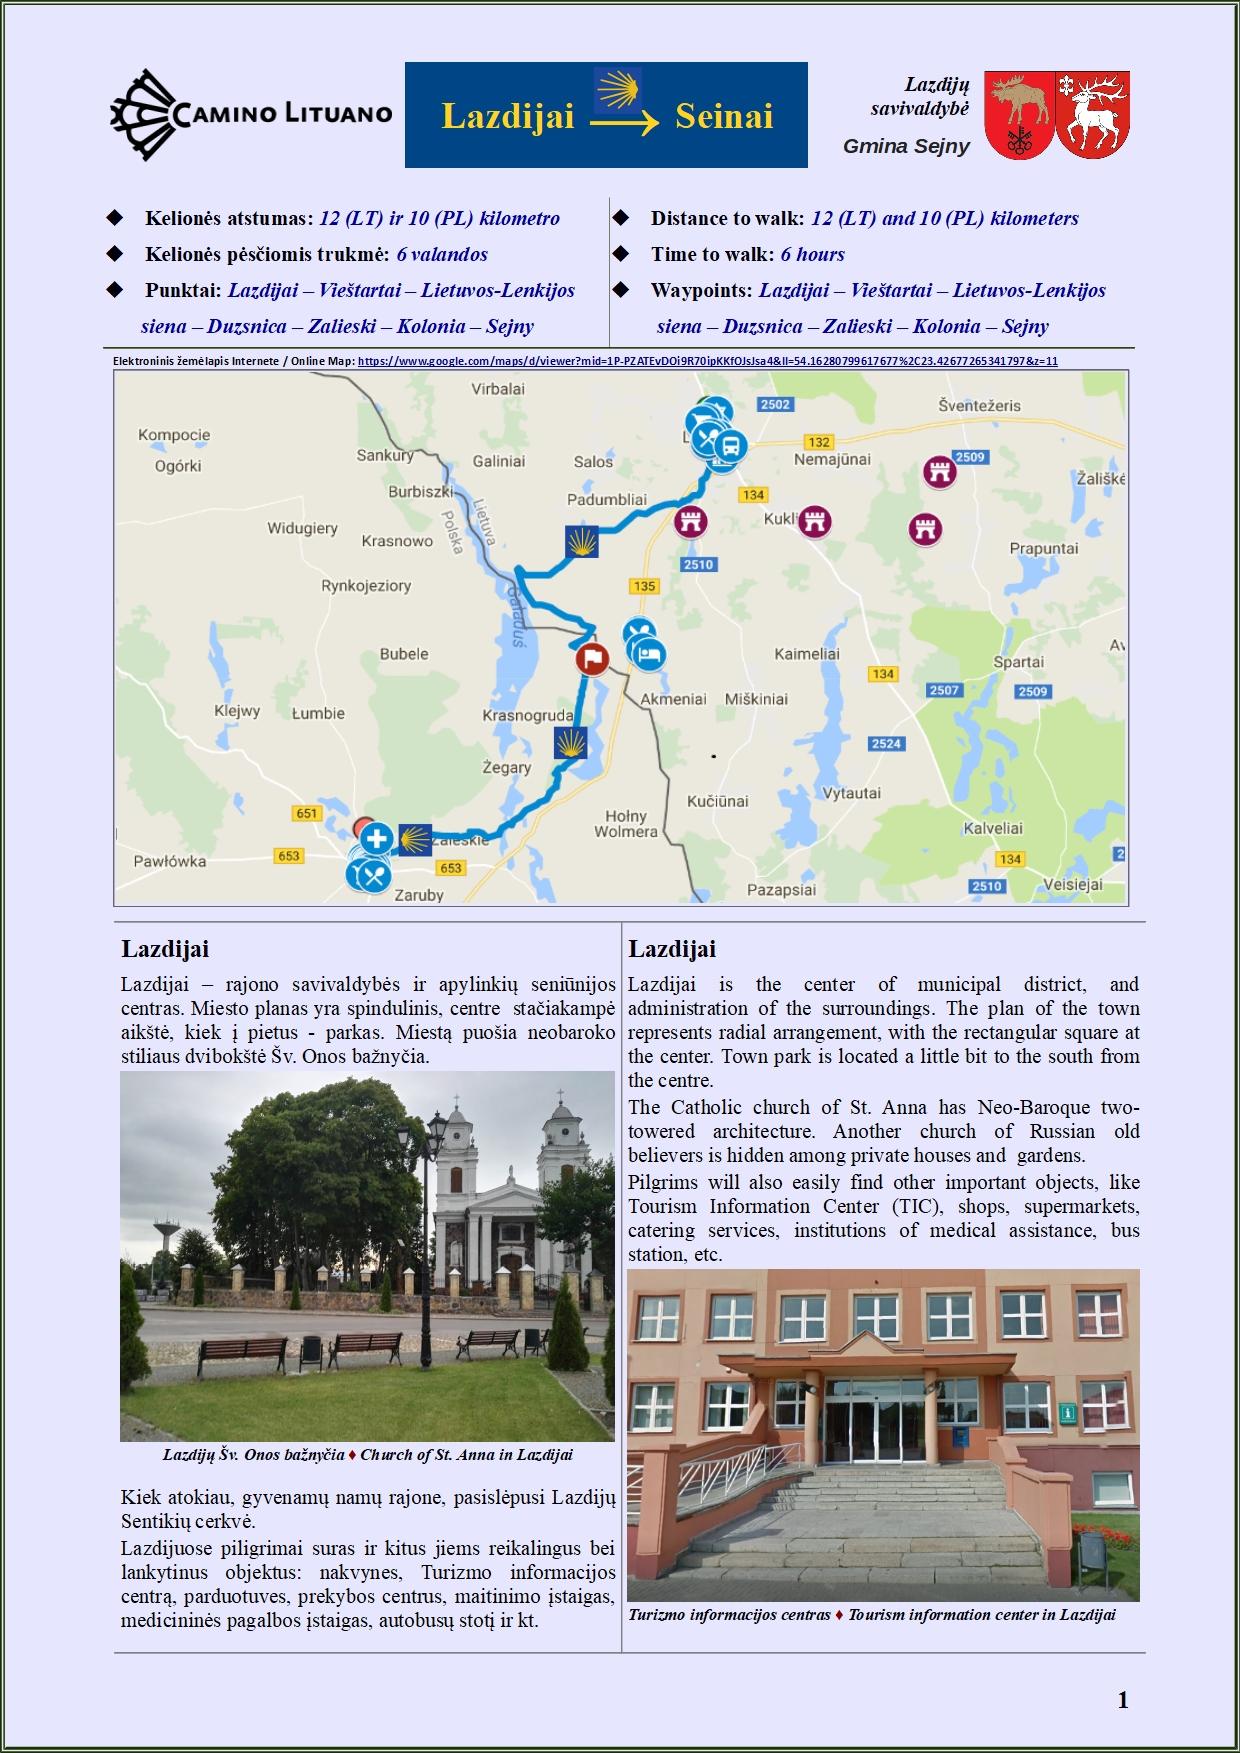 Lazdijai-Seinai-description-EN-LT-1